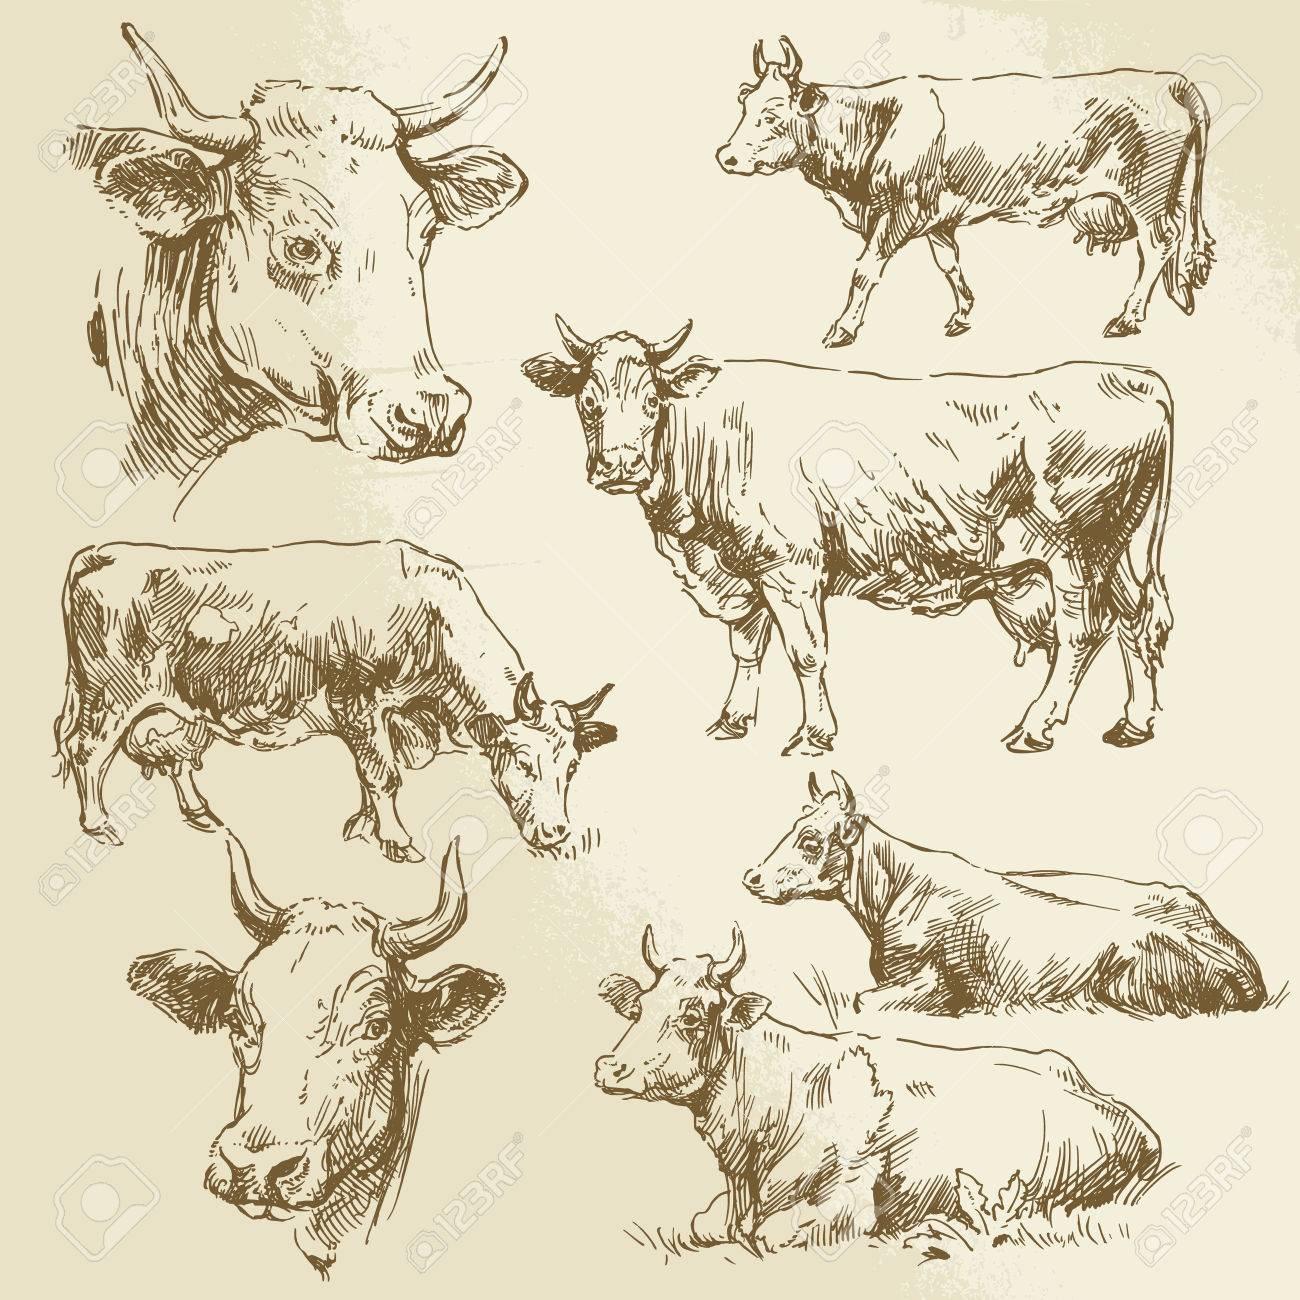 hand drawn cows - 29449439